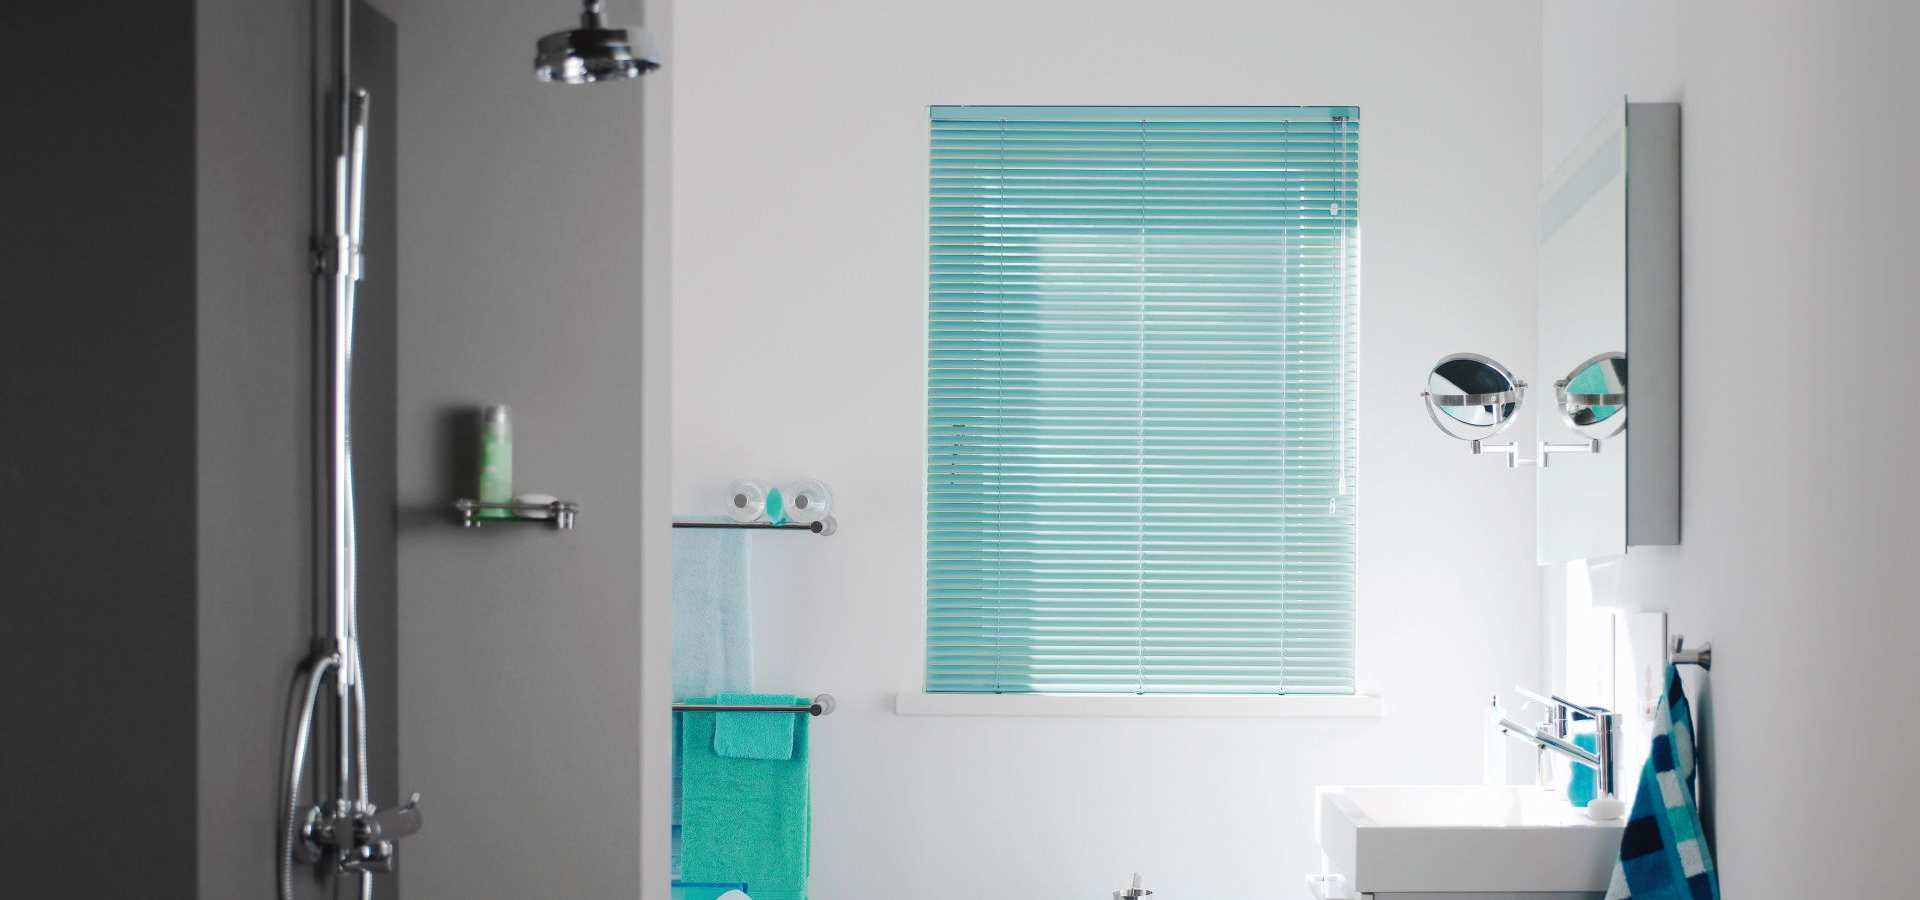 Bild Badezimmer mit Jalousie mint